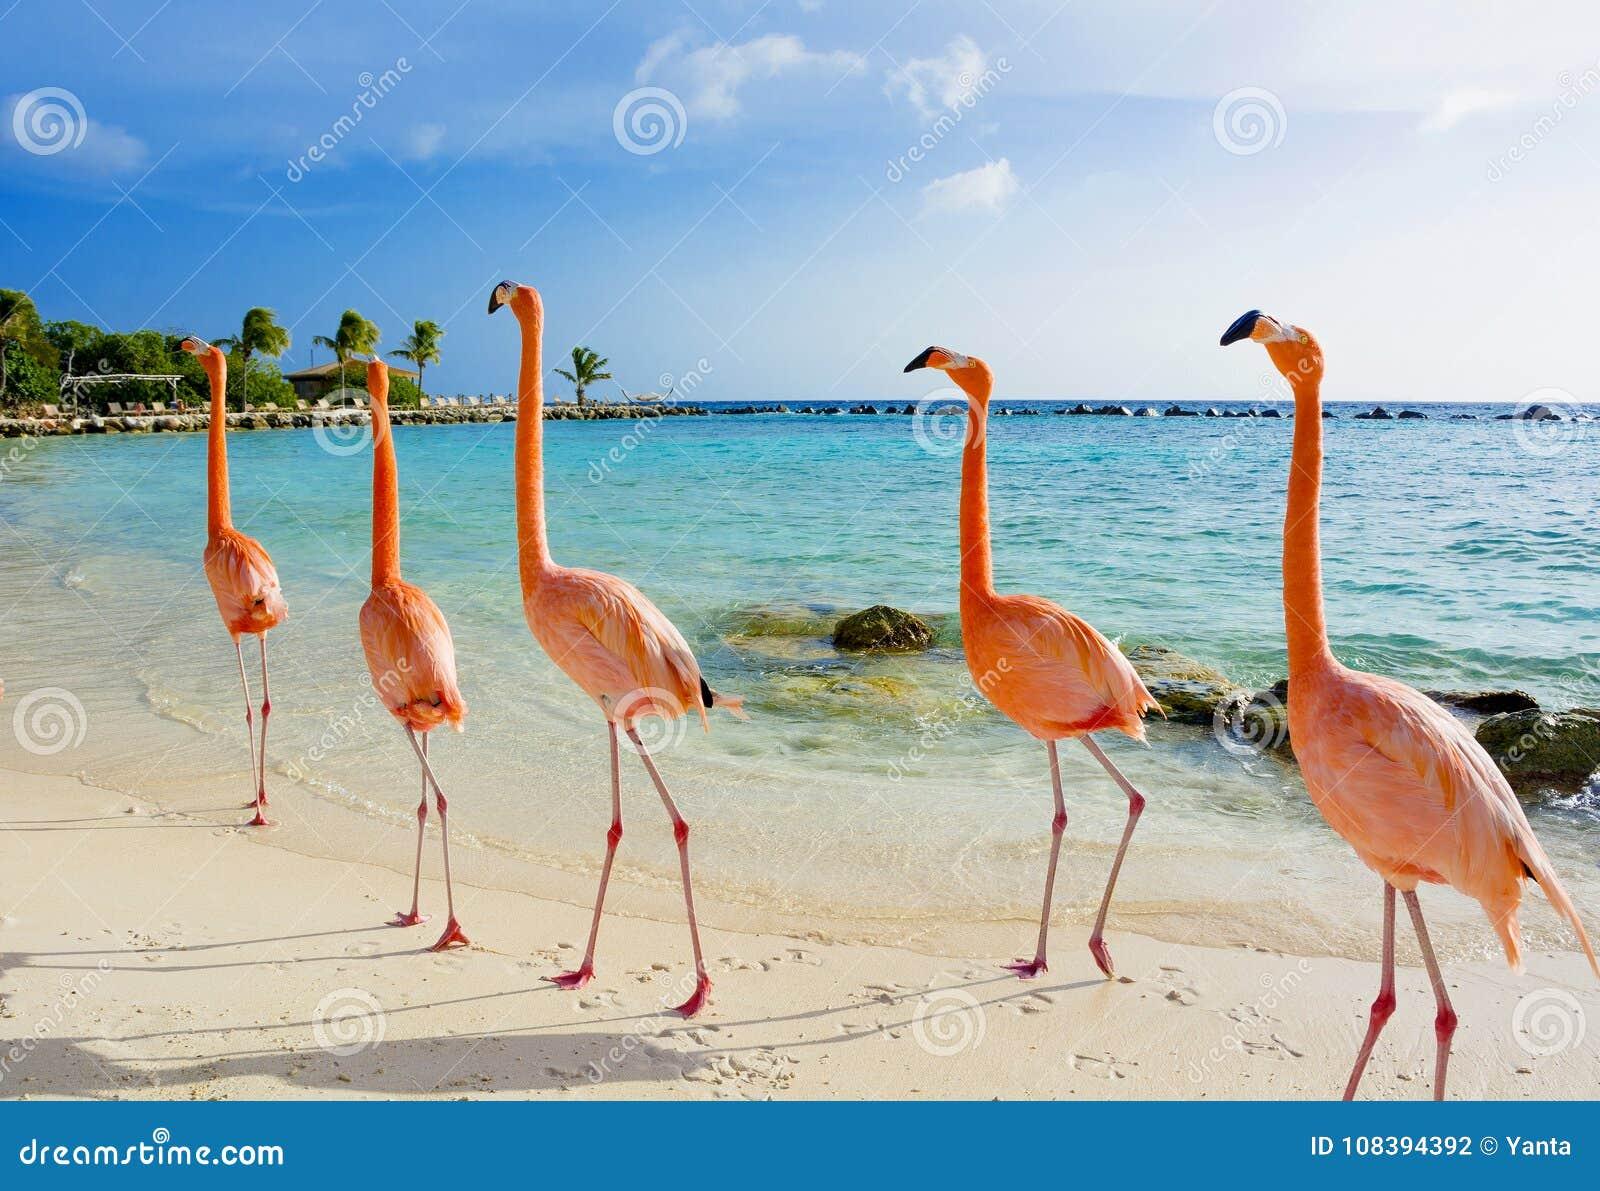 Roze flamingo op het strand, het eiland van Aruba